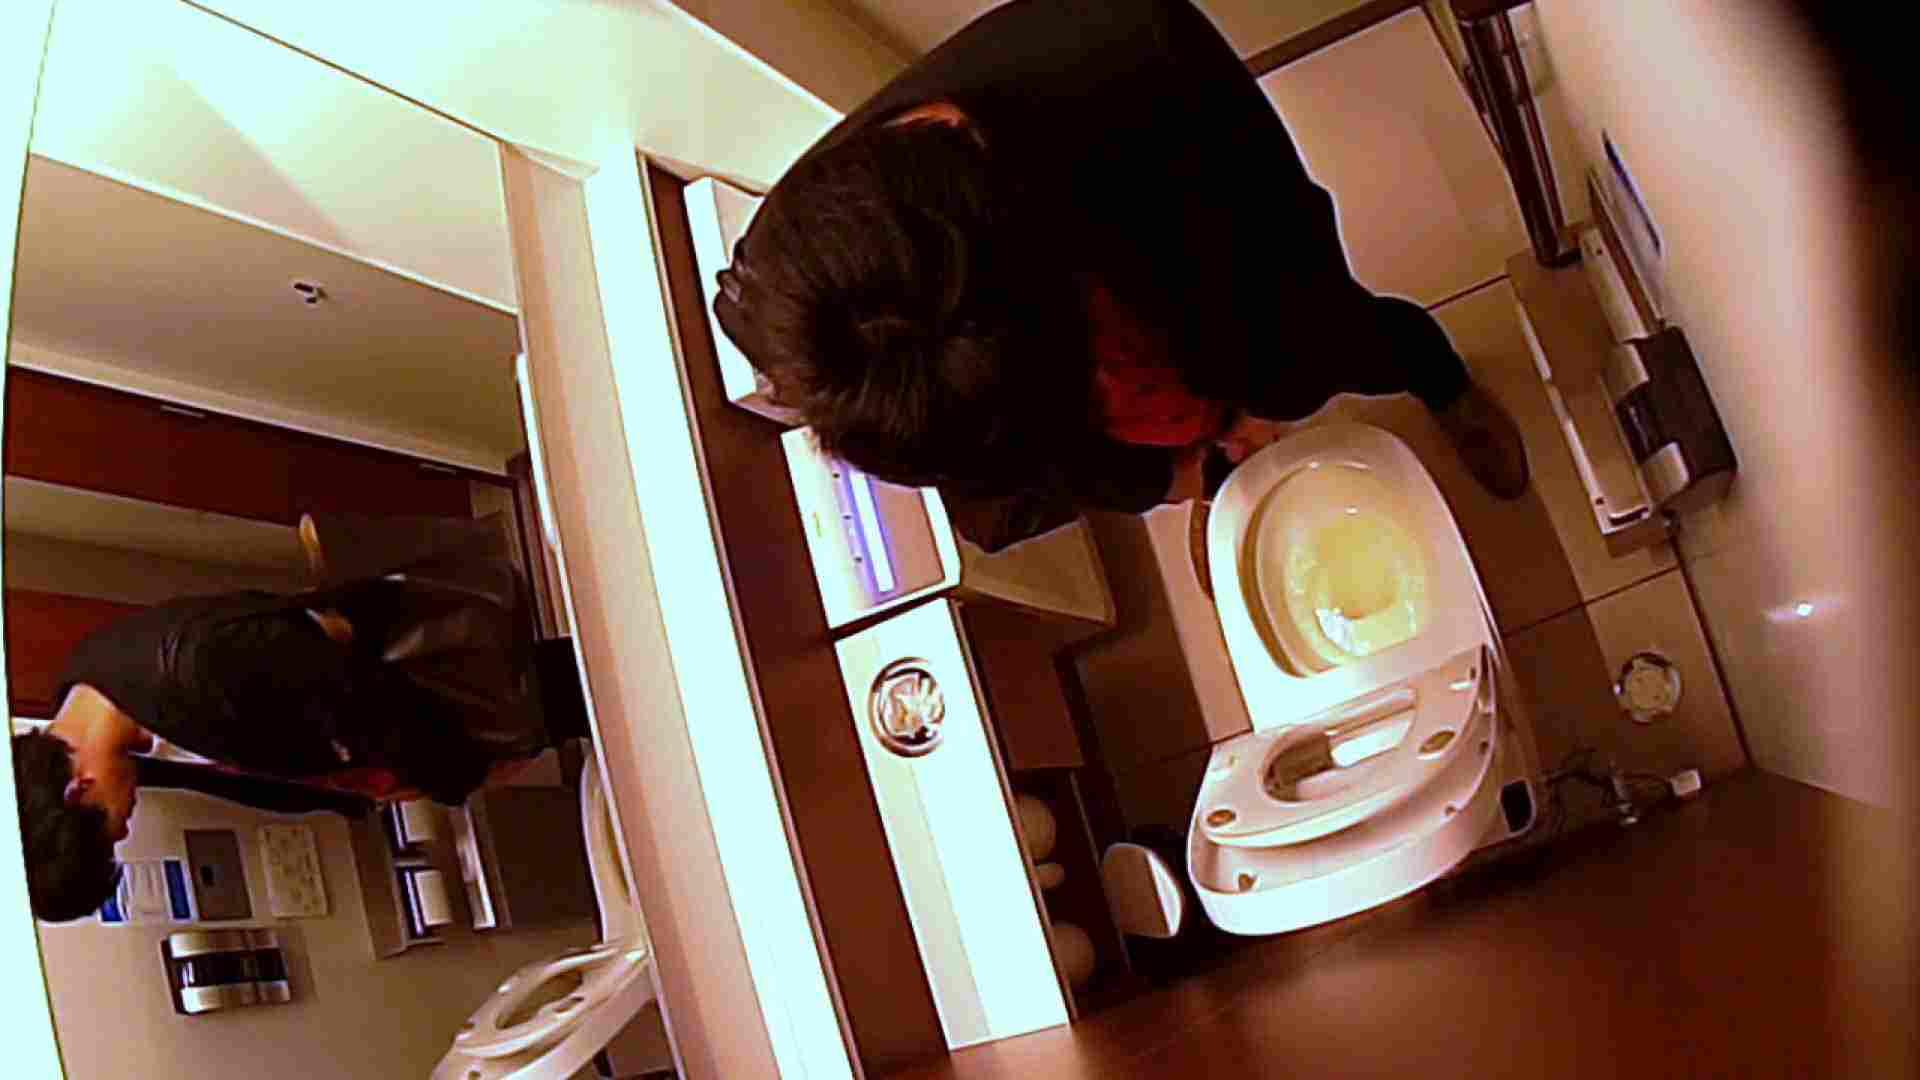 すみませんが覗かせてください Vol.32 トイレの中 | 0  9画像 3